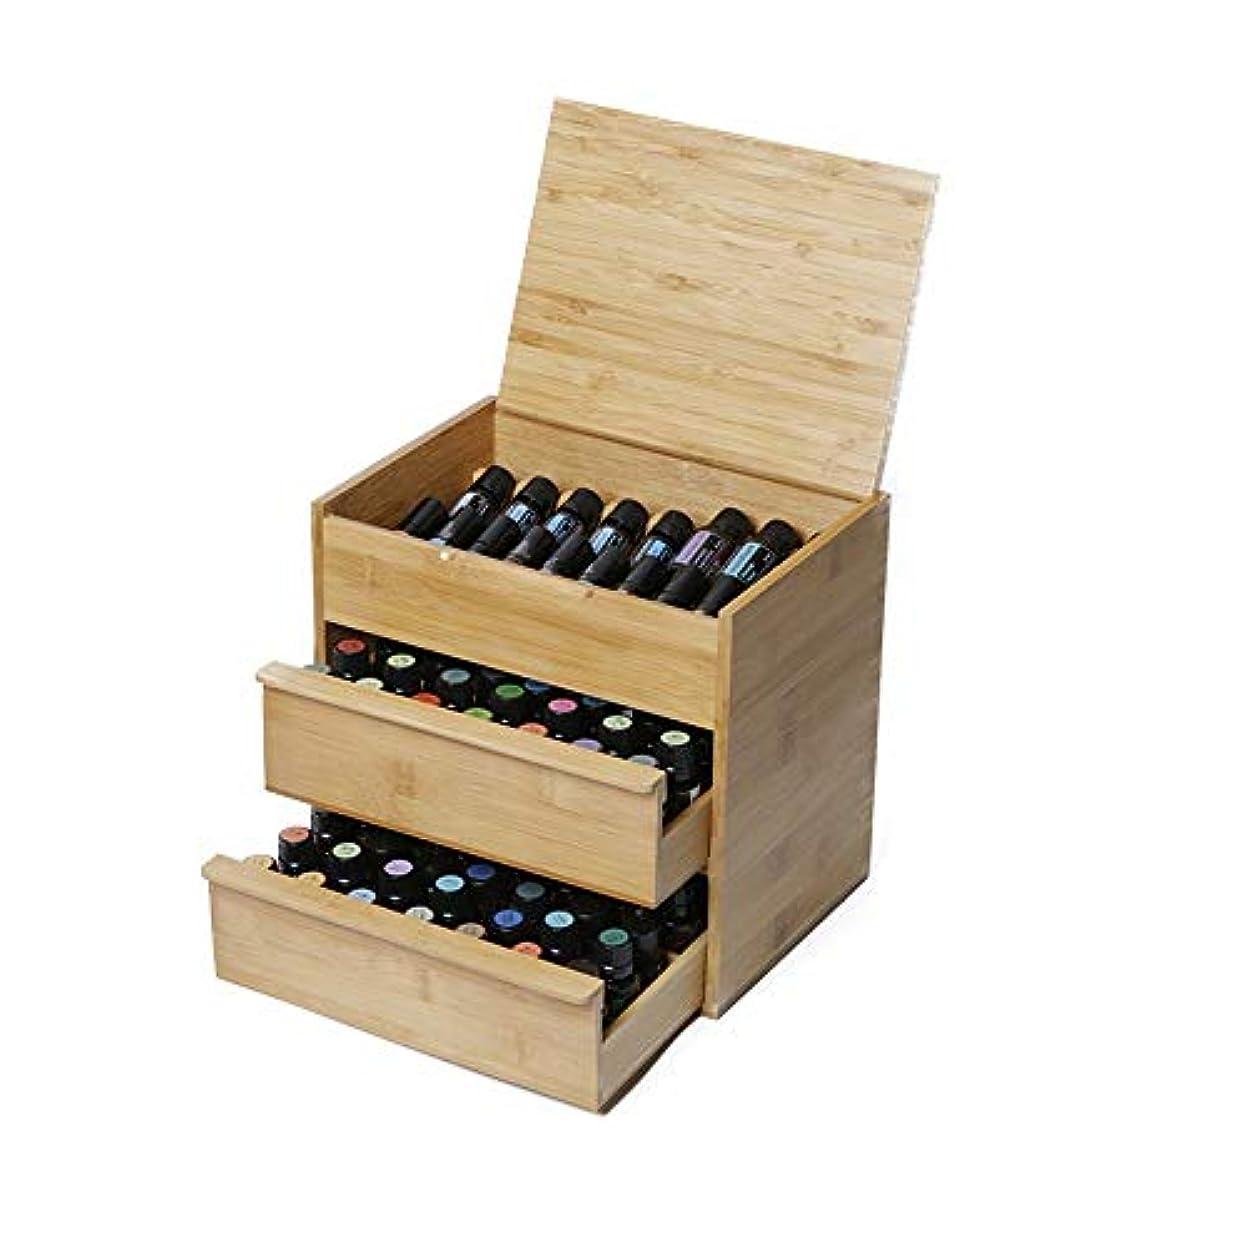 骨の折れるパワーセルハイランド88スロット木エッセンシャルオイルボックス3ティアボード内部リムーバブルは15/10/5 M1のボトル天然竹を開催します アロマセラピー製品 (色 : Natural, サイズ : 26.5X24.5X19CM)